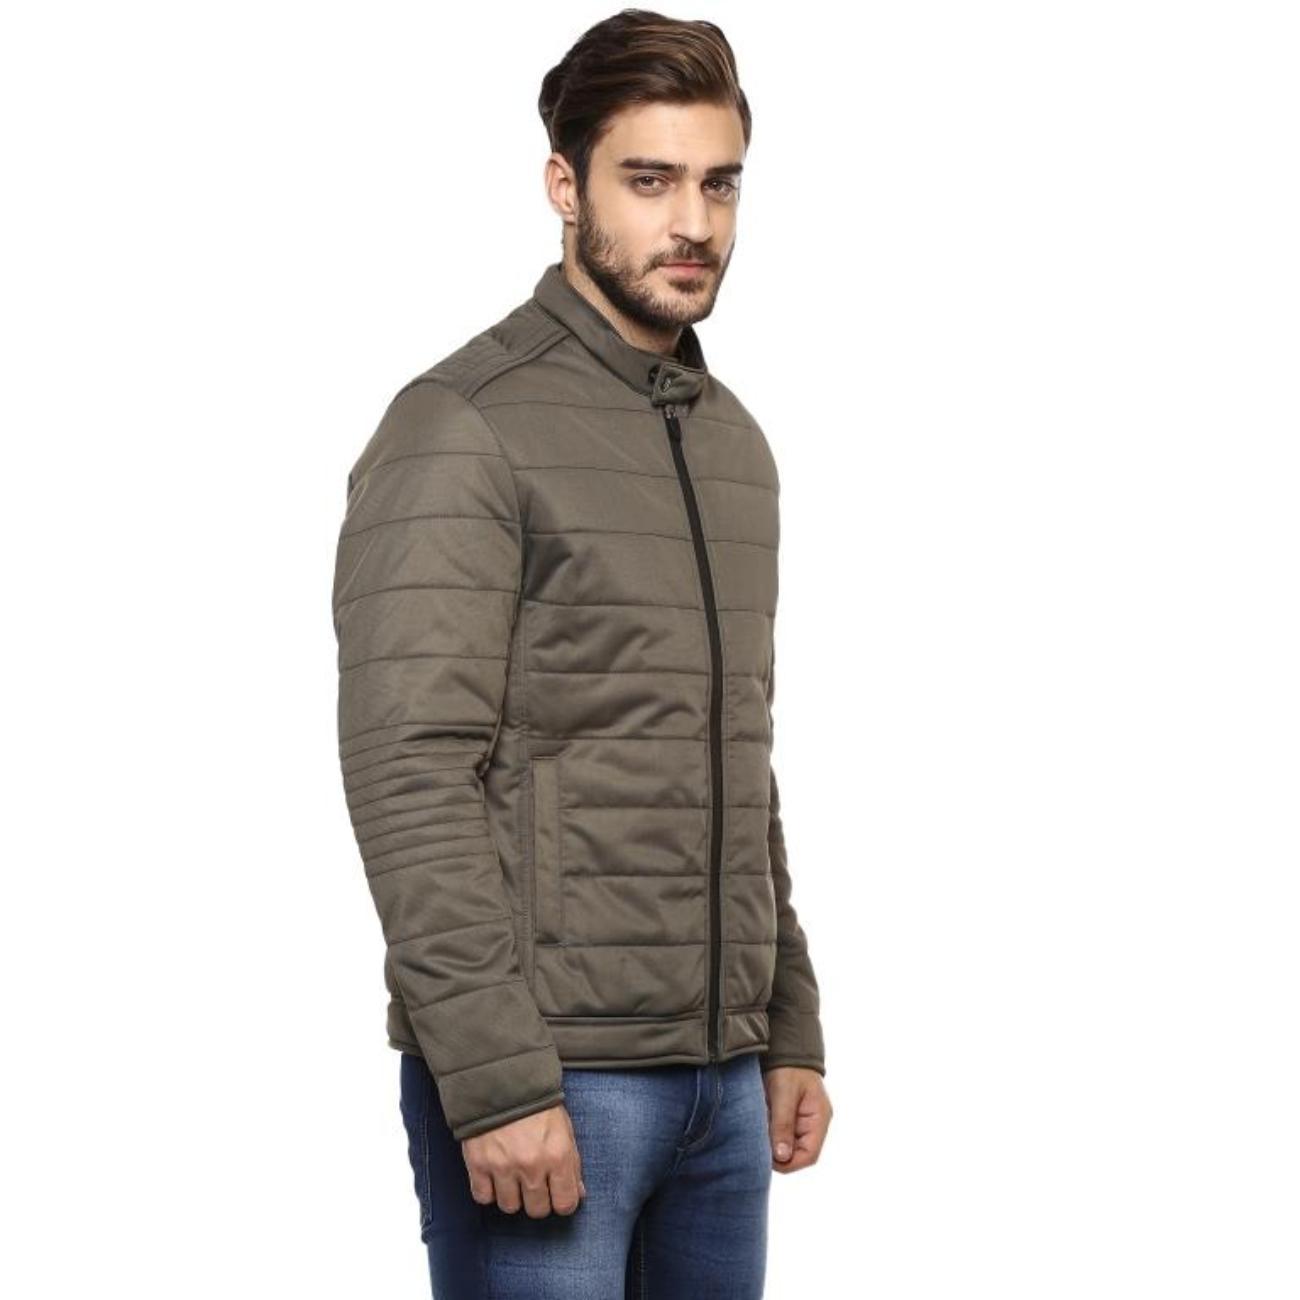 Shop Olive Jacket for Men